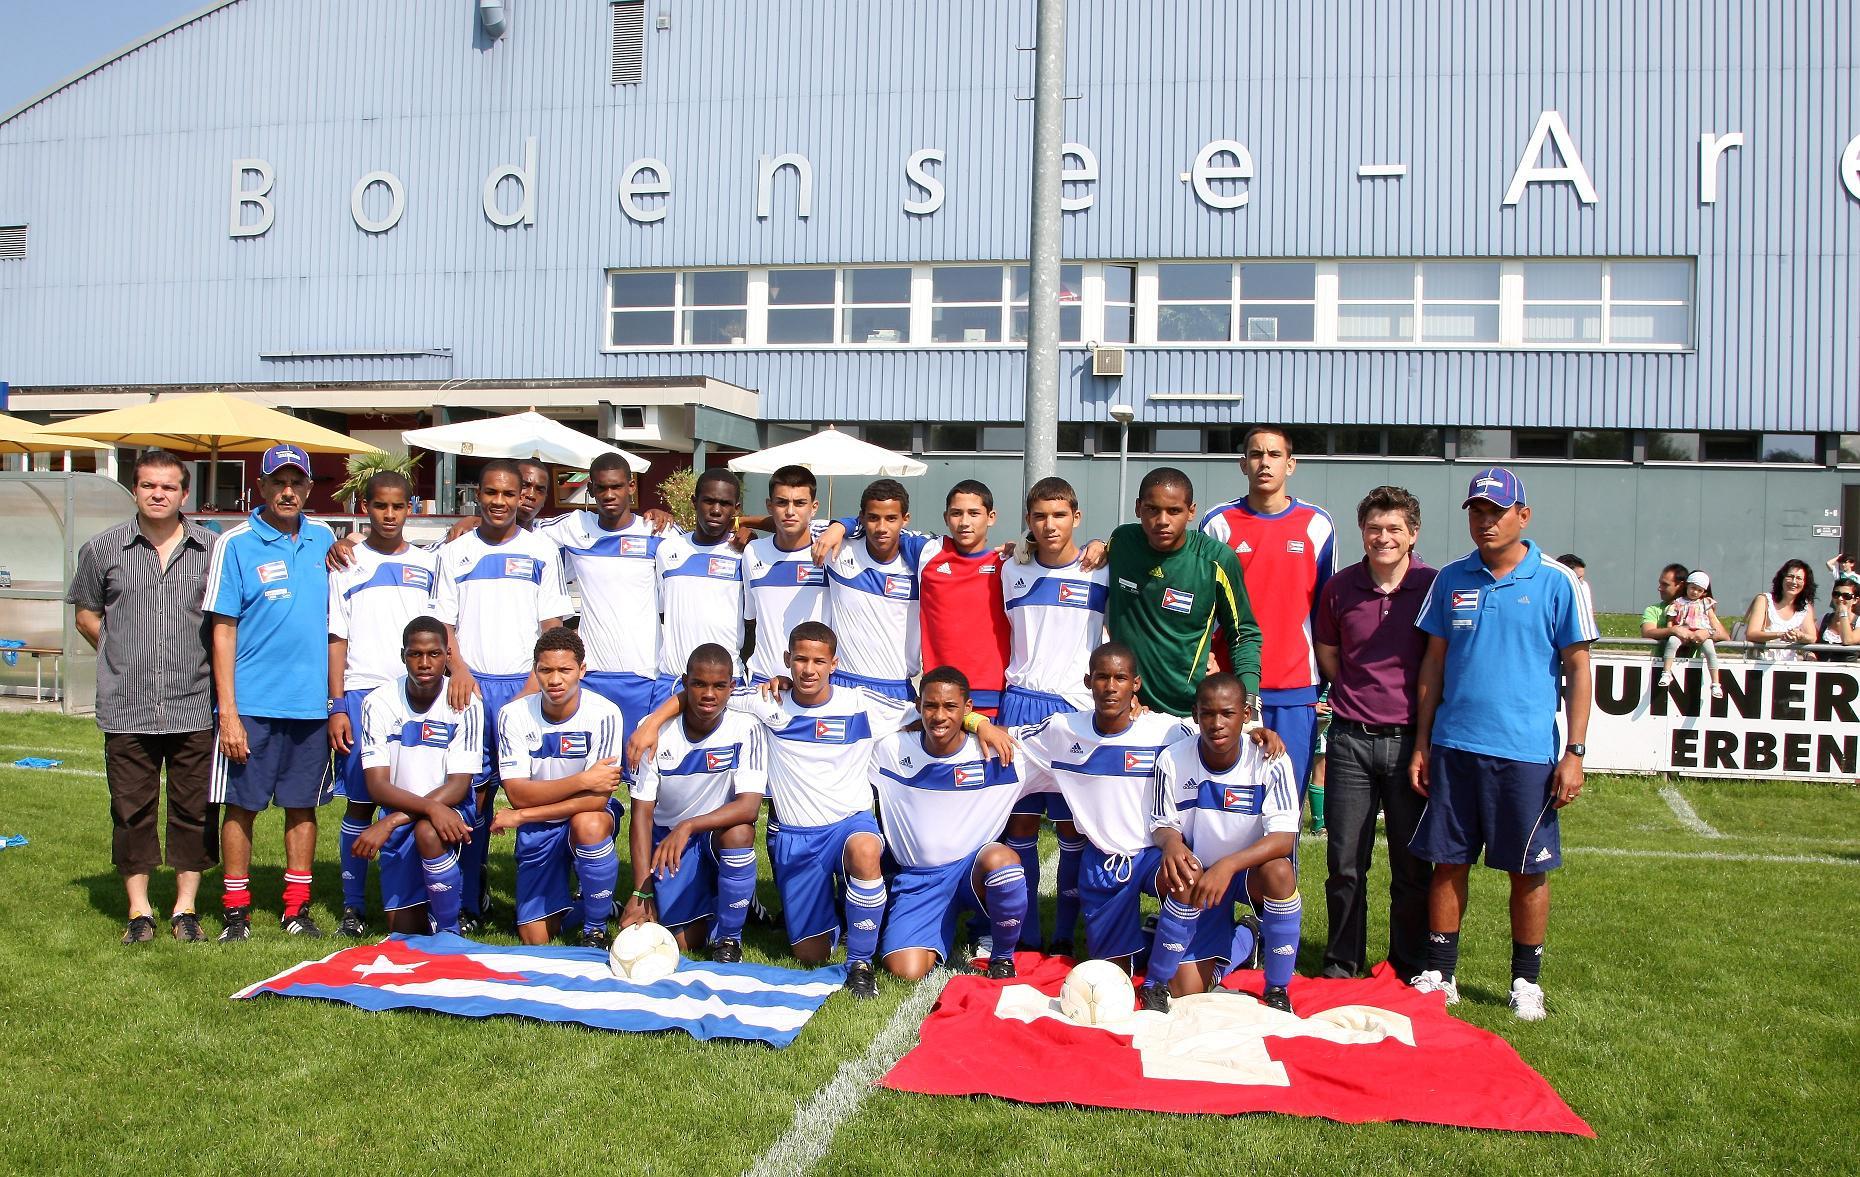 G14_Kuba U-15 vor dem Spiel gegen Kreuzlingen.jpg